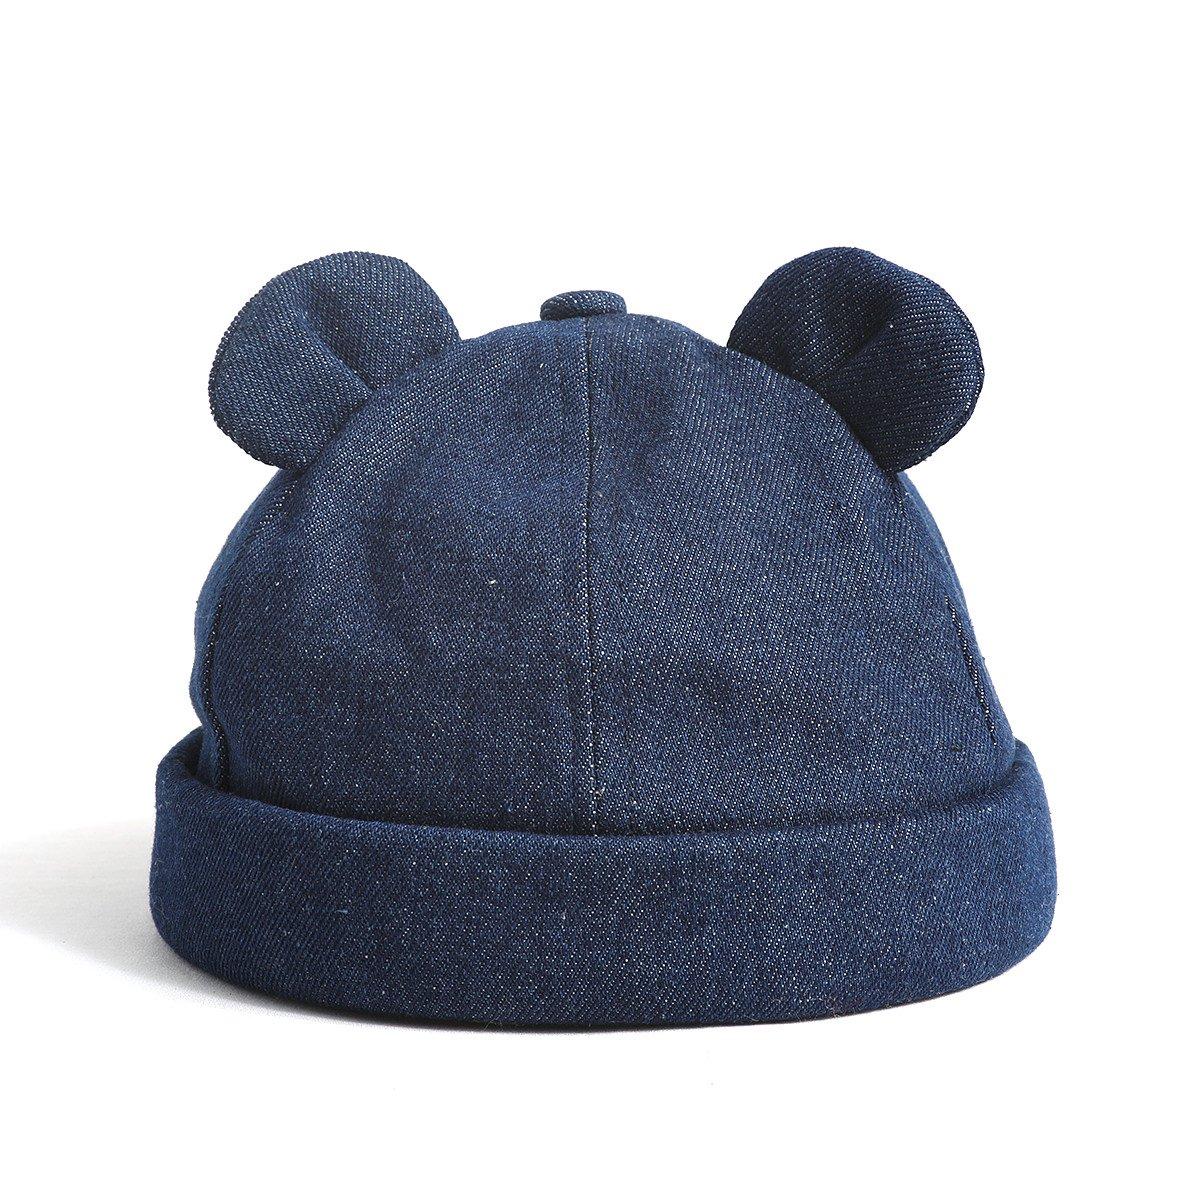 【KIDS】Bear Roll Cap 詳細画像3